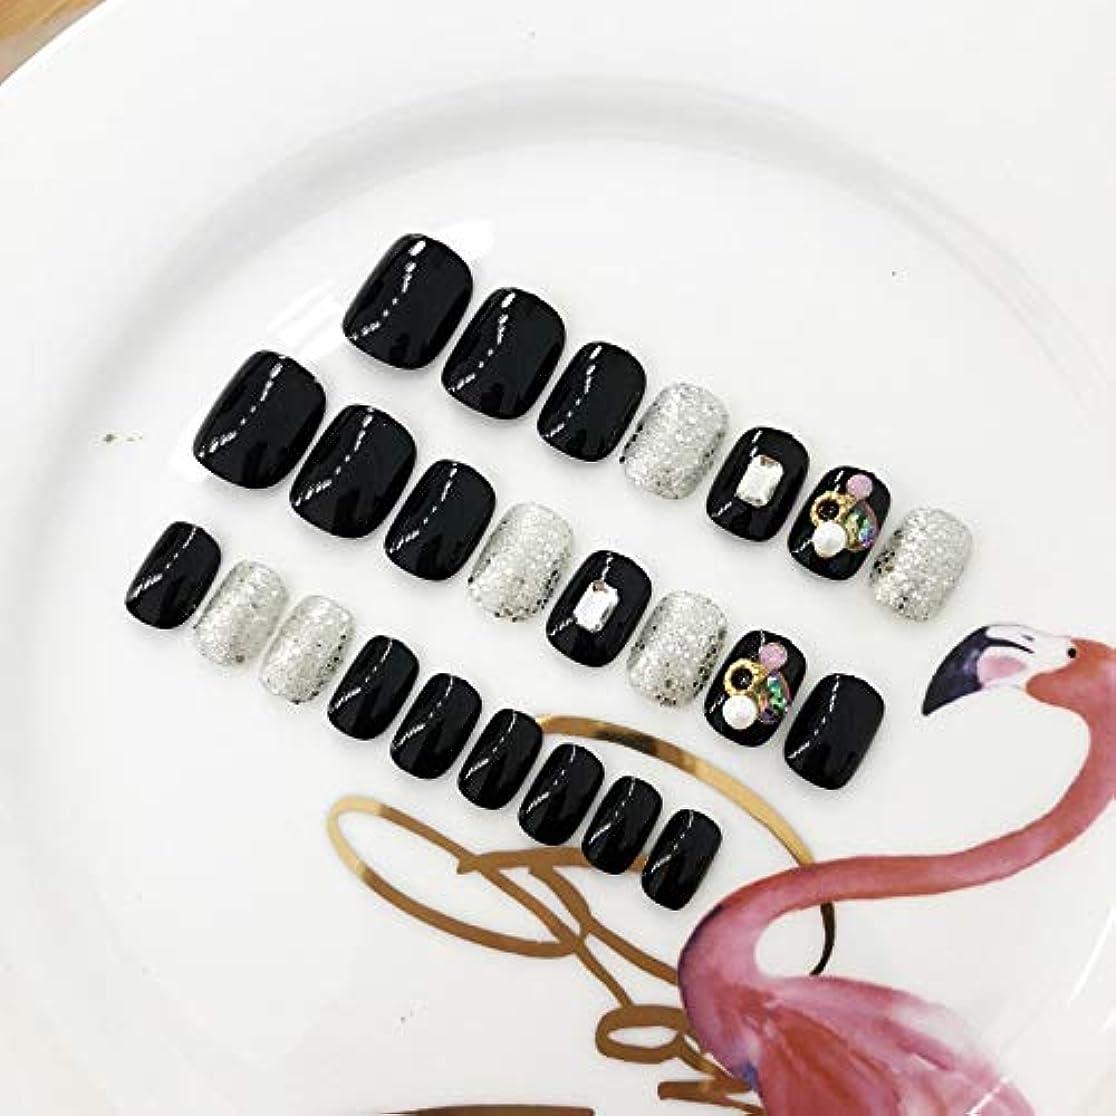 大騒ぎに向かって仲間AFAEF HOME 24個12サイズのブラックダイヤモンドネイルパッチ付き偽爪ロングフルカバーネイルチップ(黒)